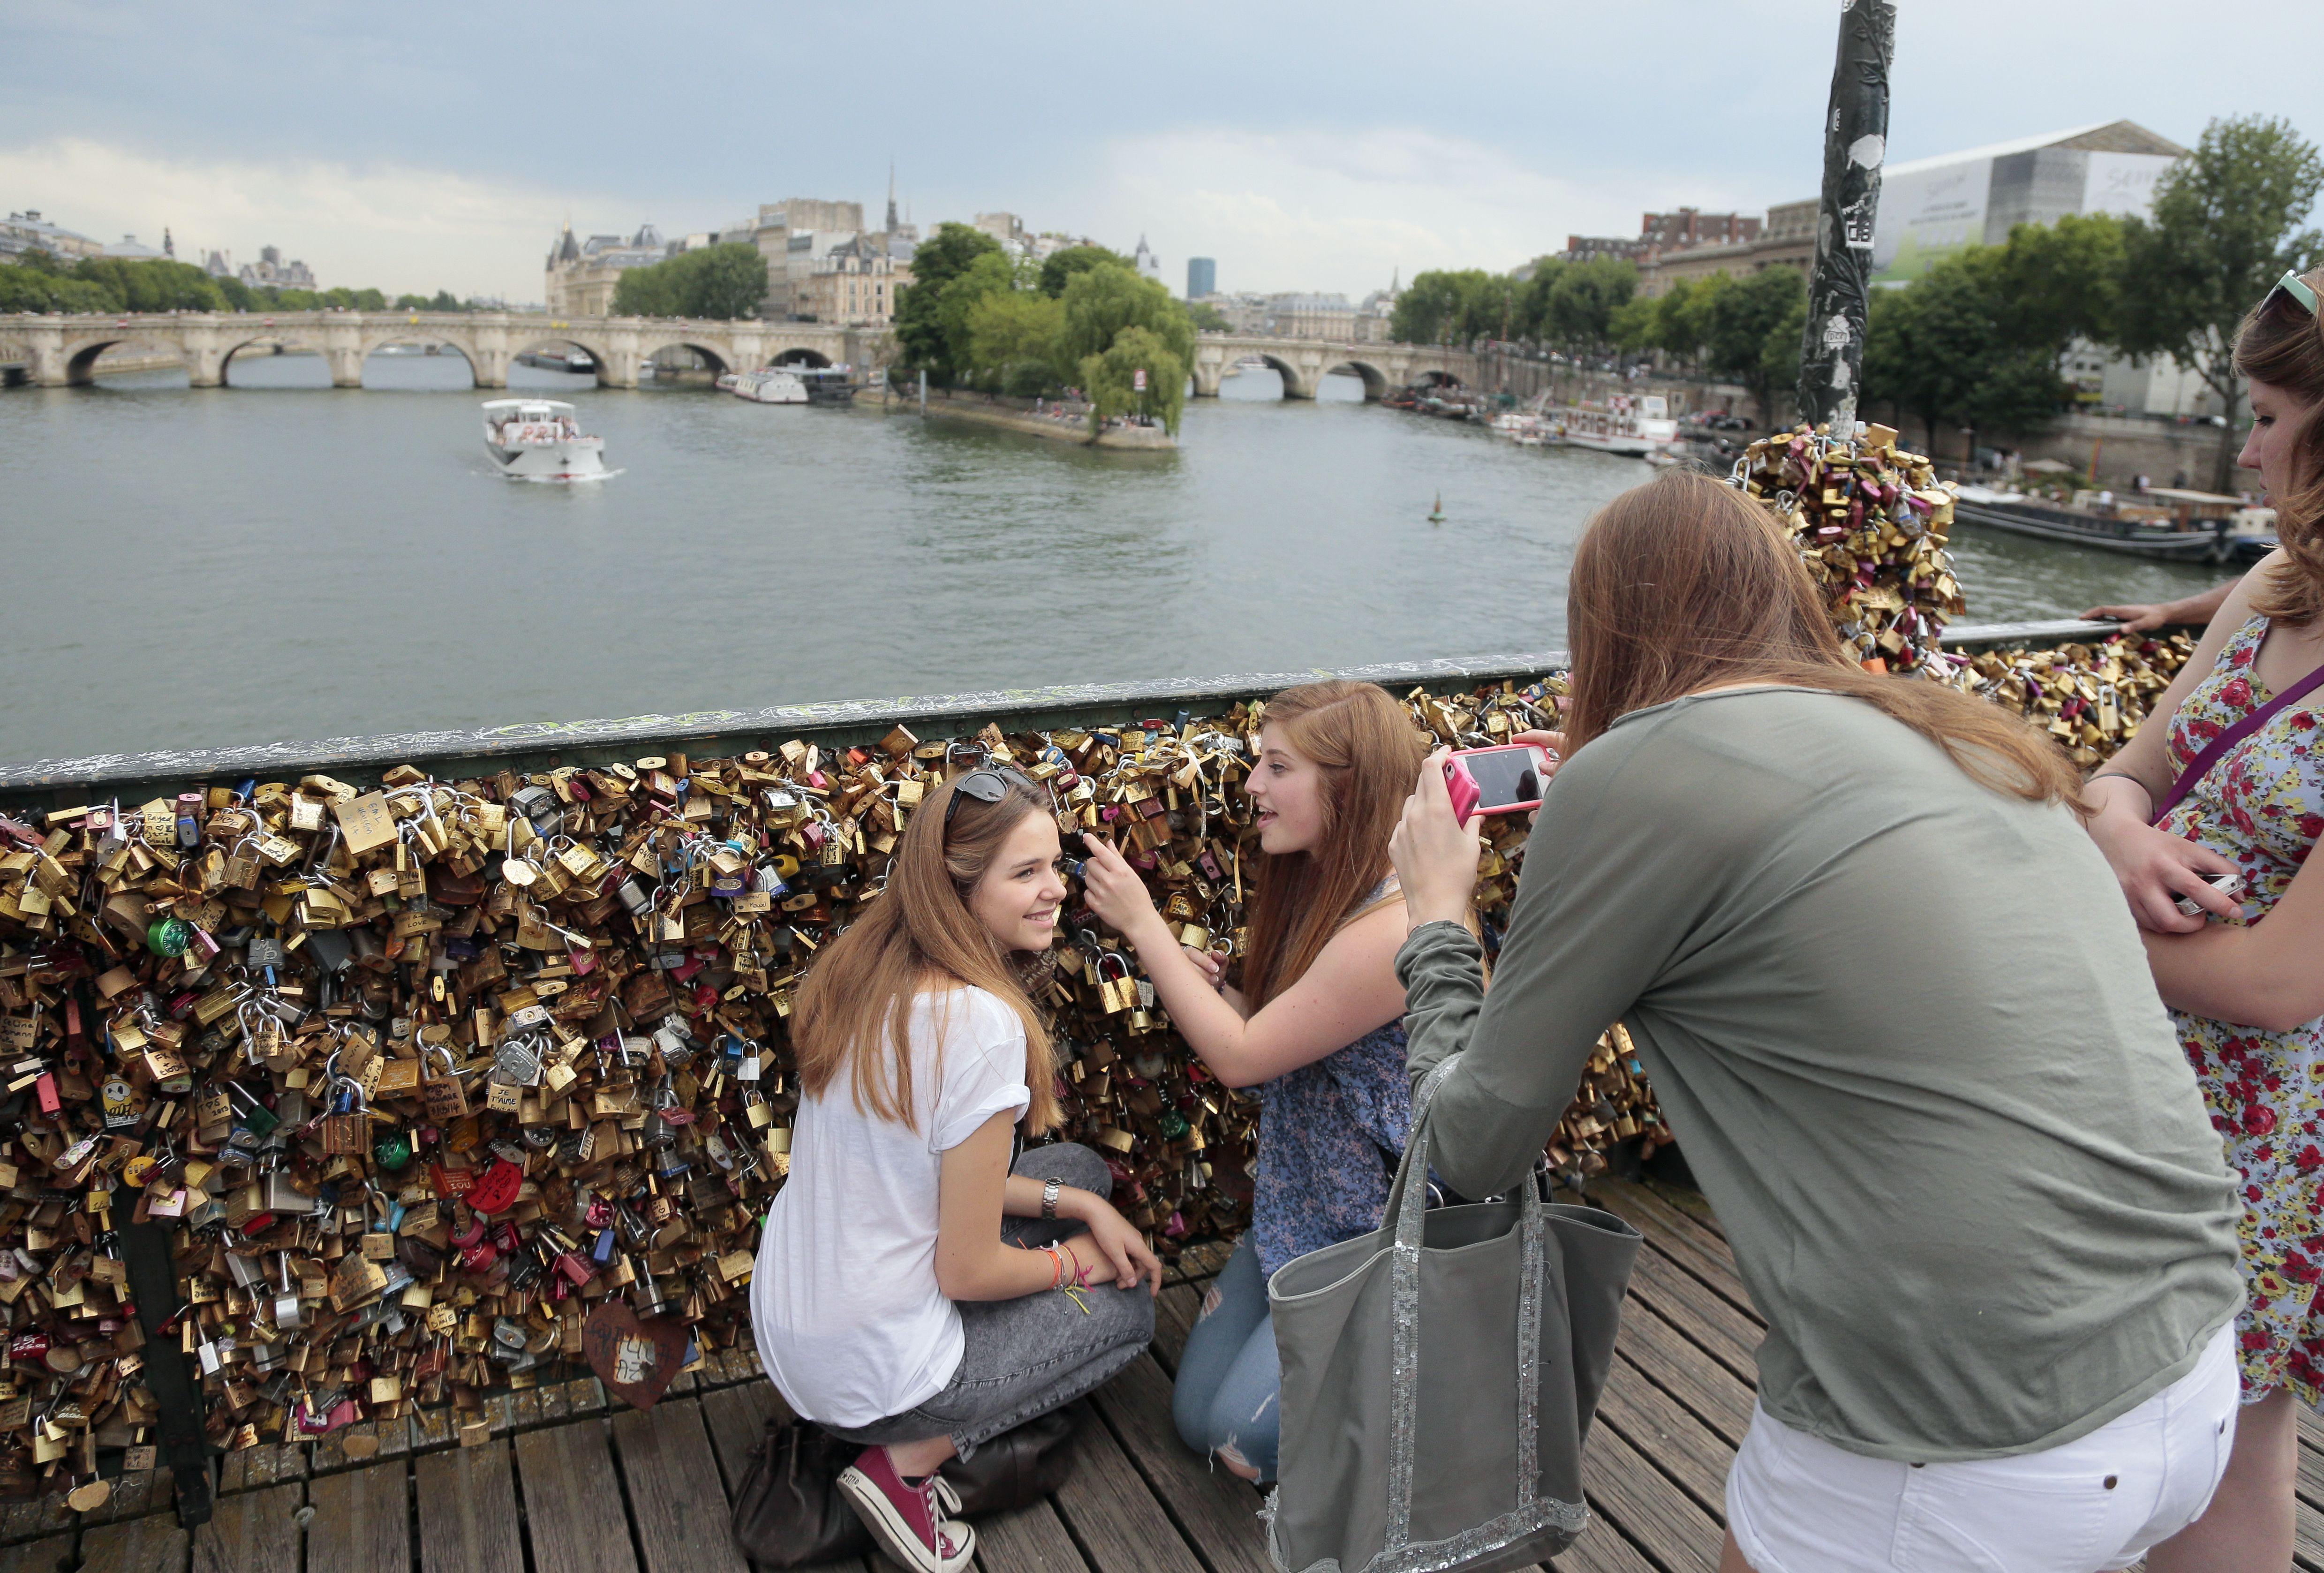 """Centenas de milhares de """"cadeados do amor"""" serão removidos / JACQUES DEMARTHON / AFP/ Arquivo"""